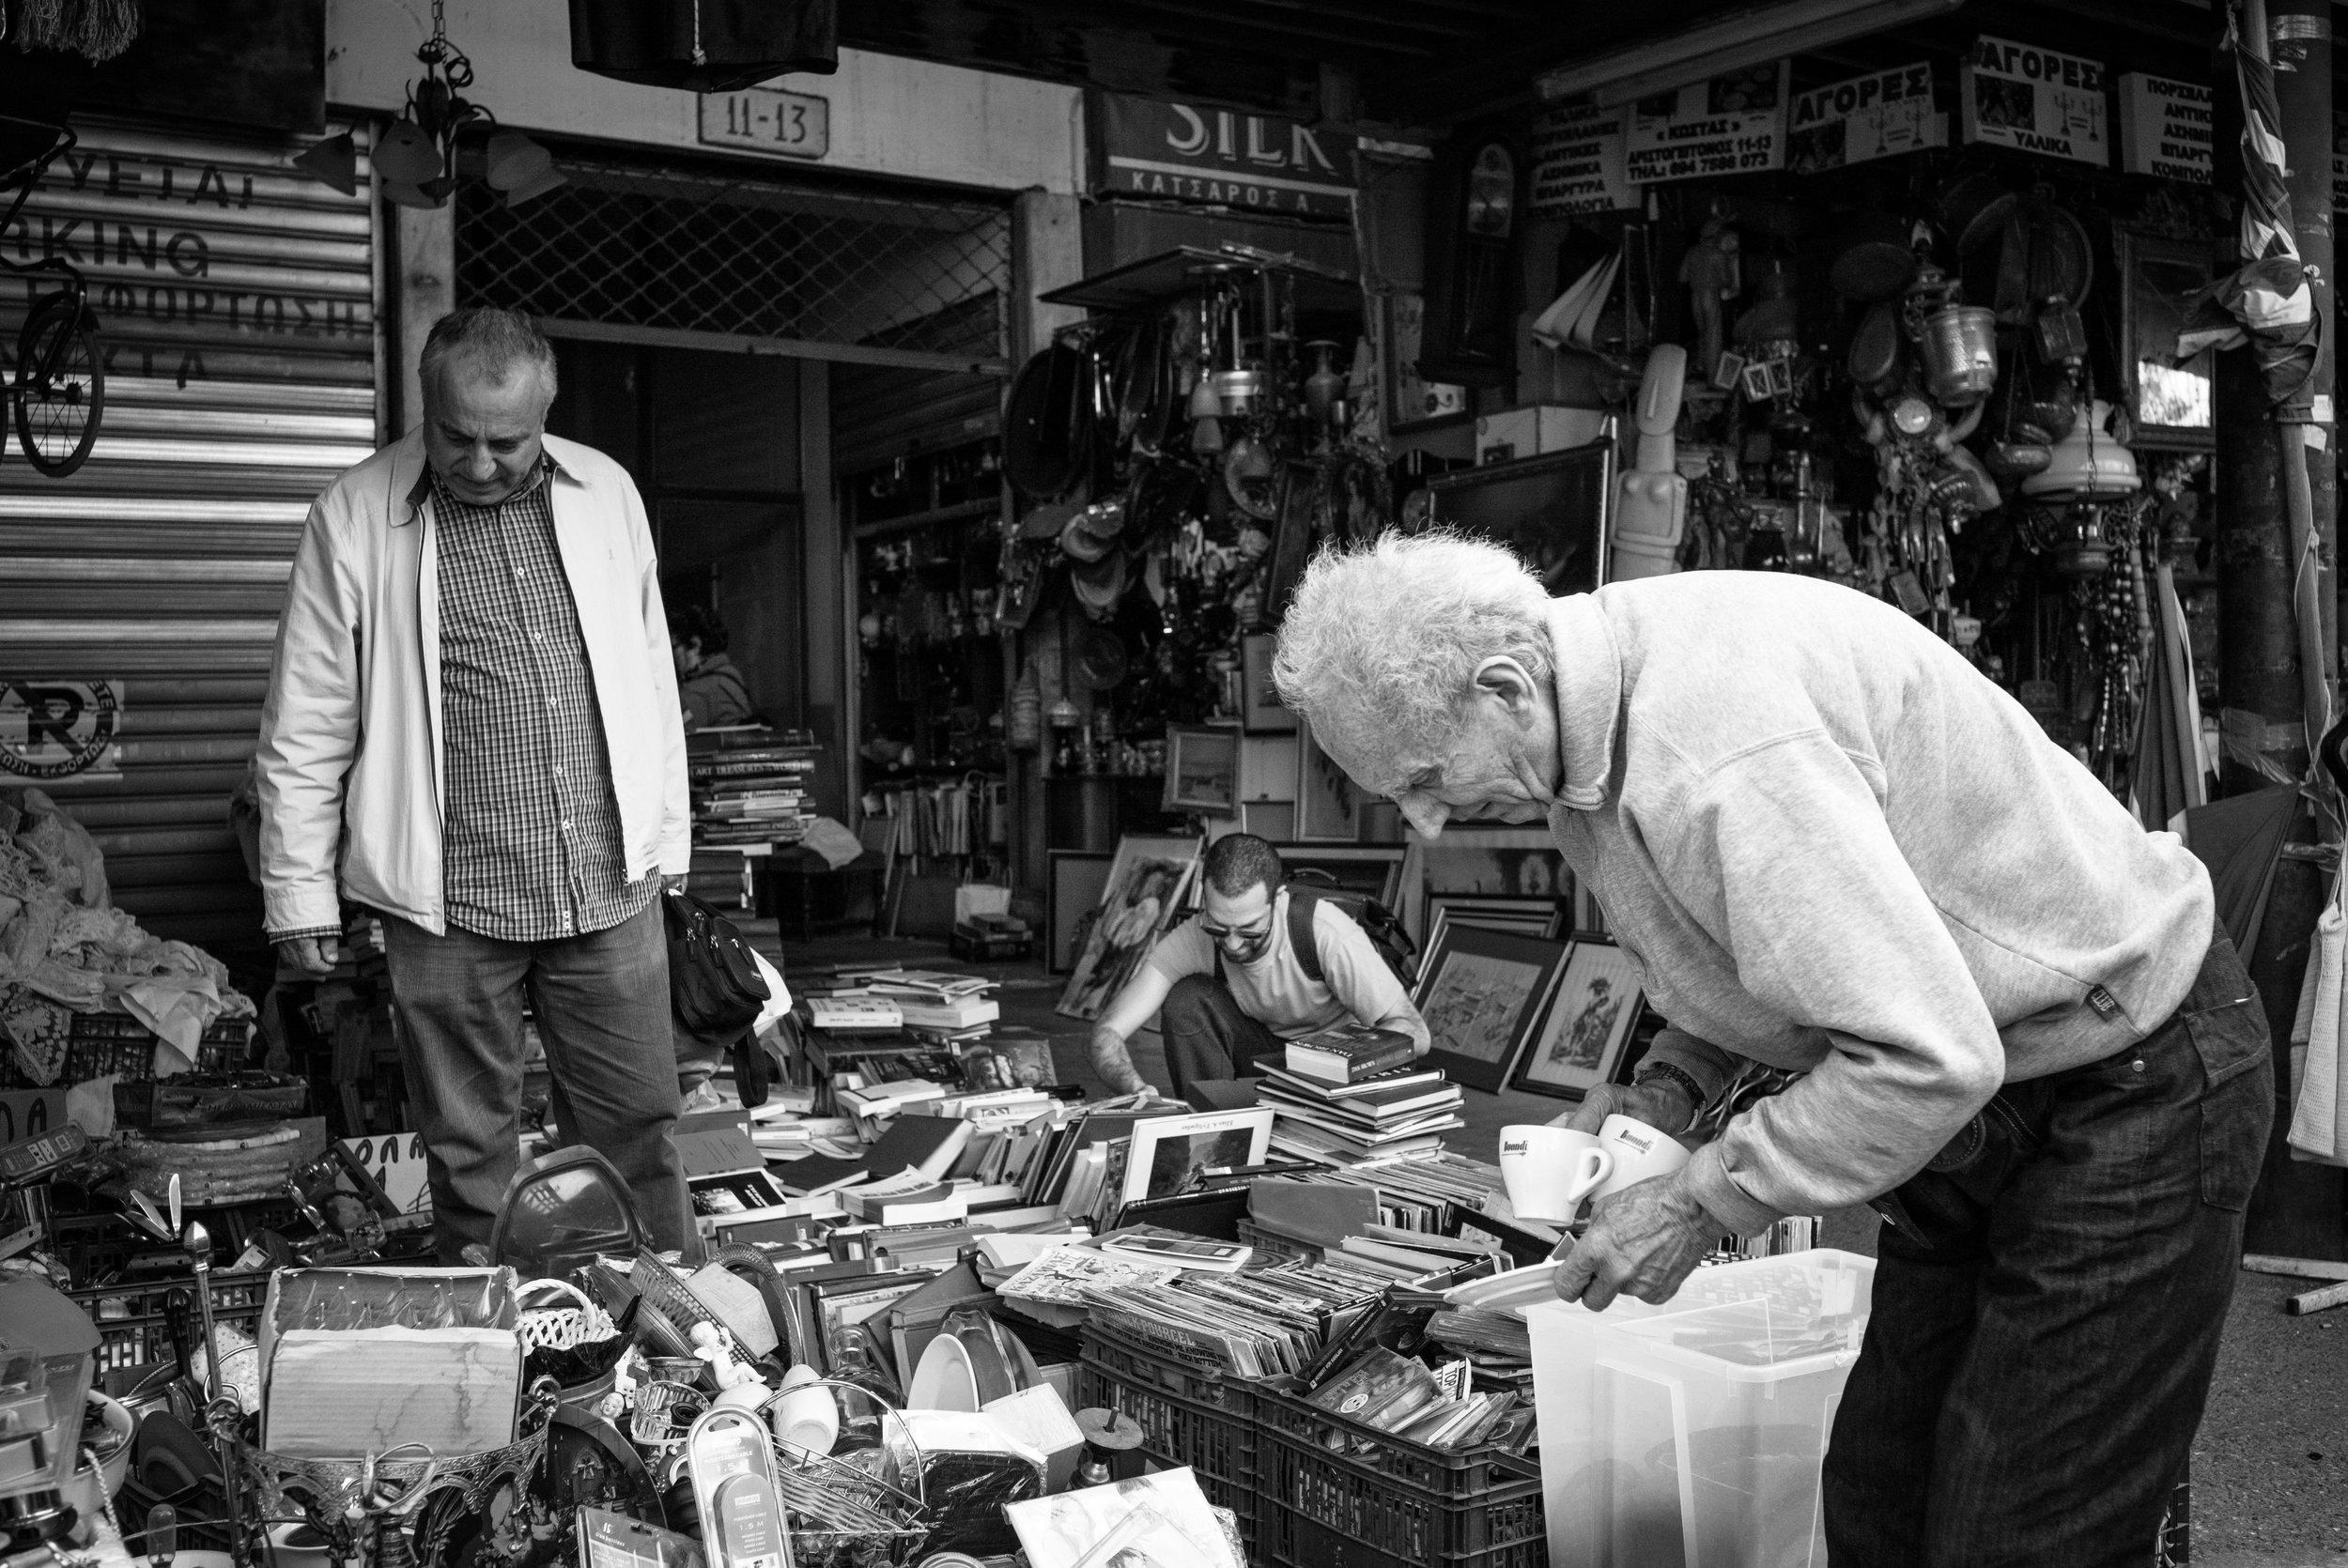 Monastiraki Flea Market, Athens. Greece. 2018.